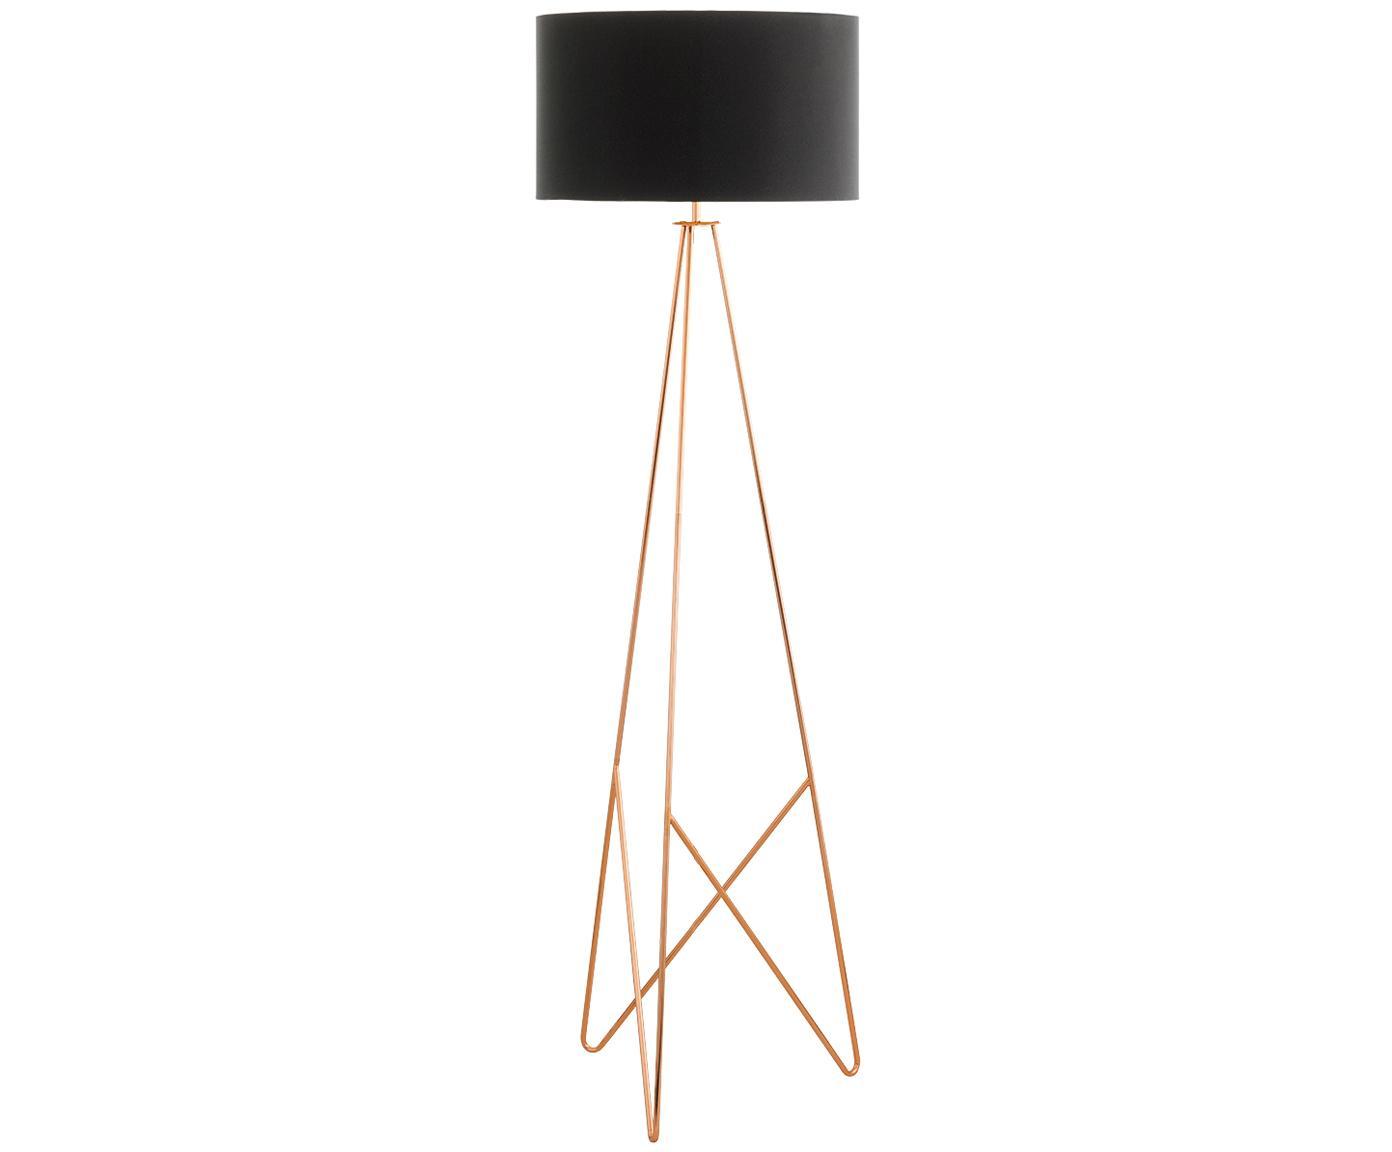 Lampada da terra in rame Camporale, Base della lampada: acciaio, verniciato, Nero, colori rame, Ø 45 x Alt. 154 cm